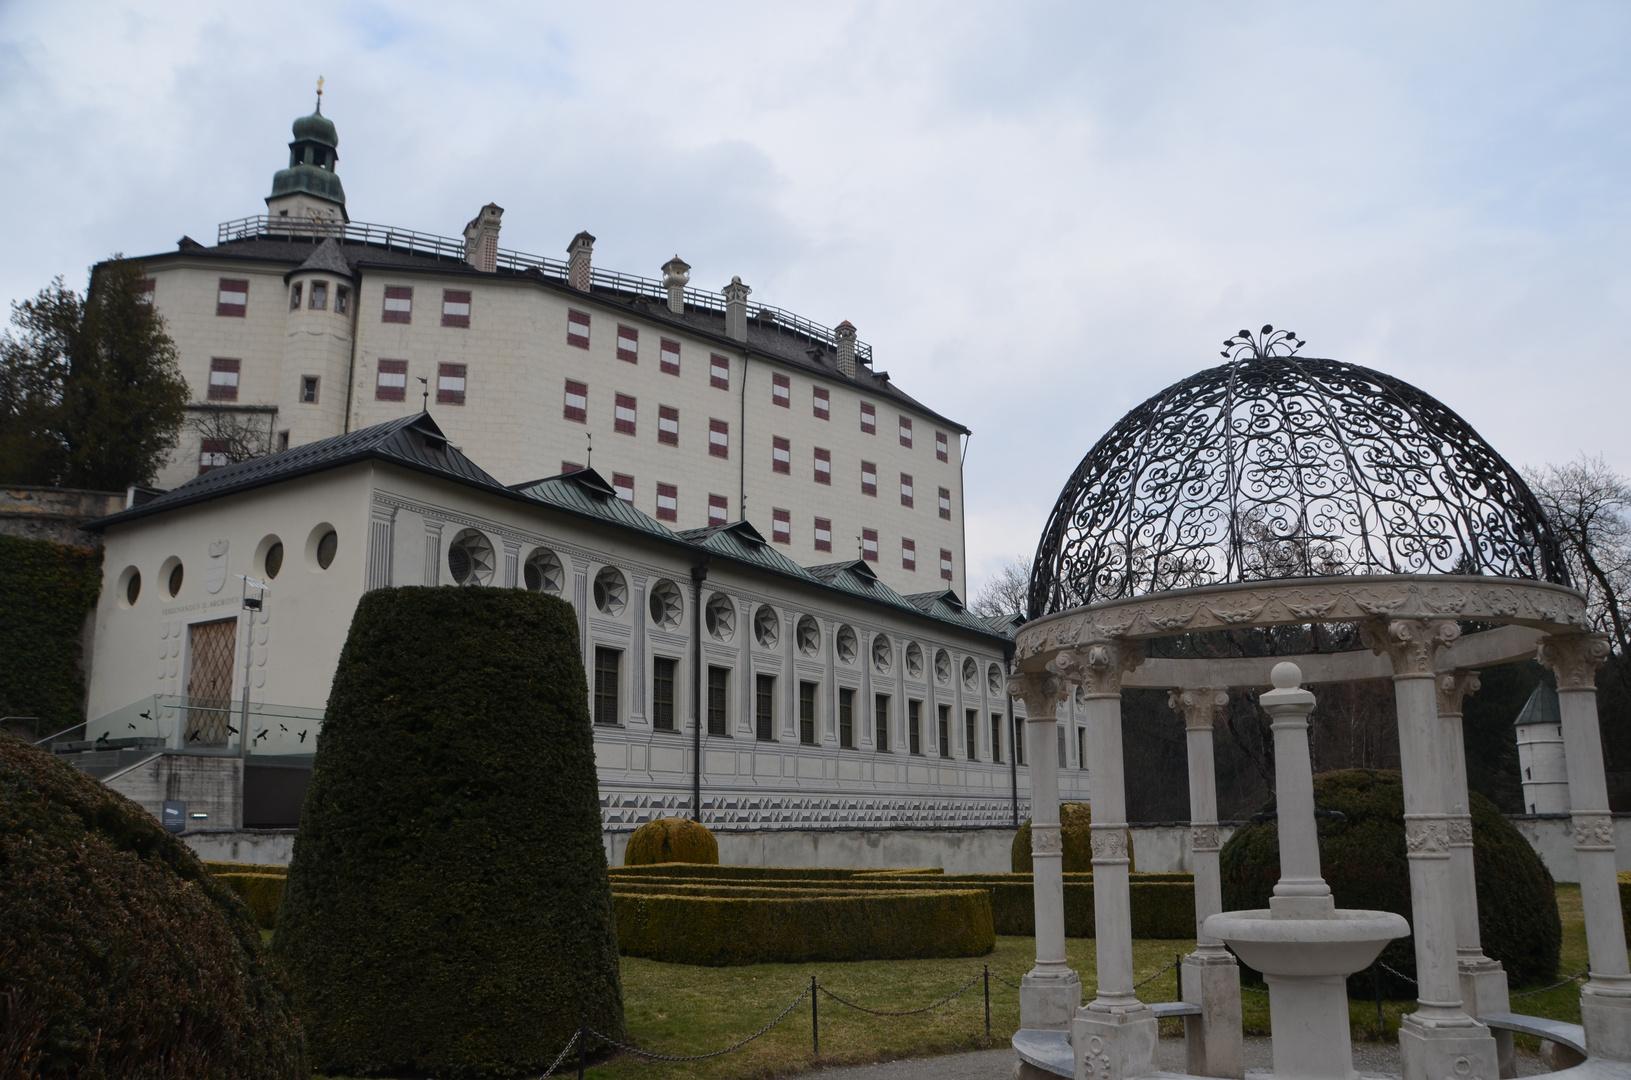 Der Pavillon von Schloss Ambras